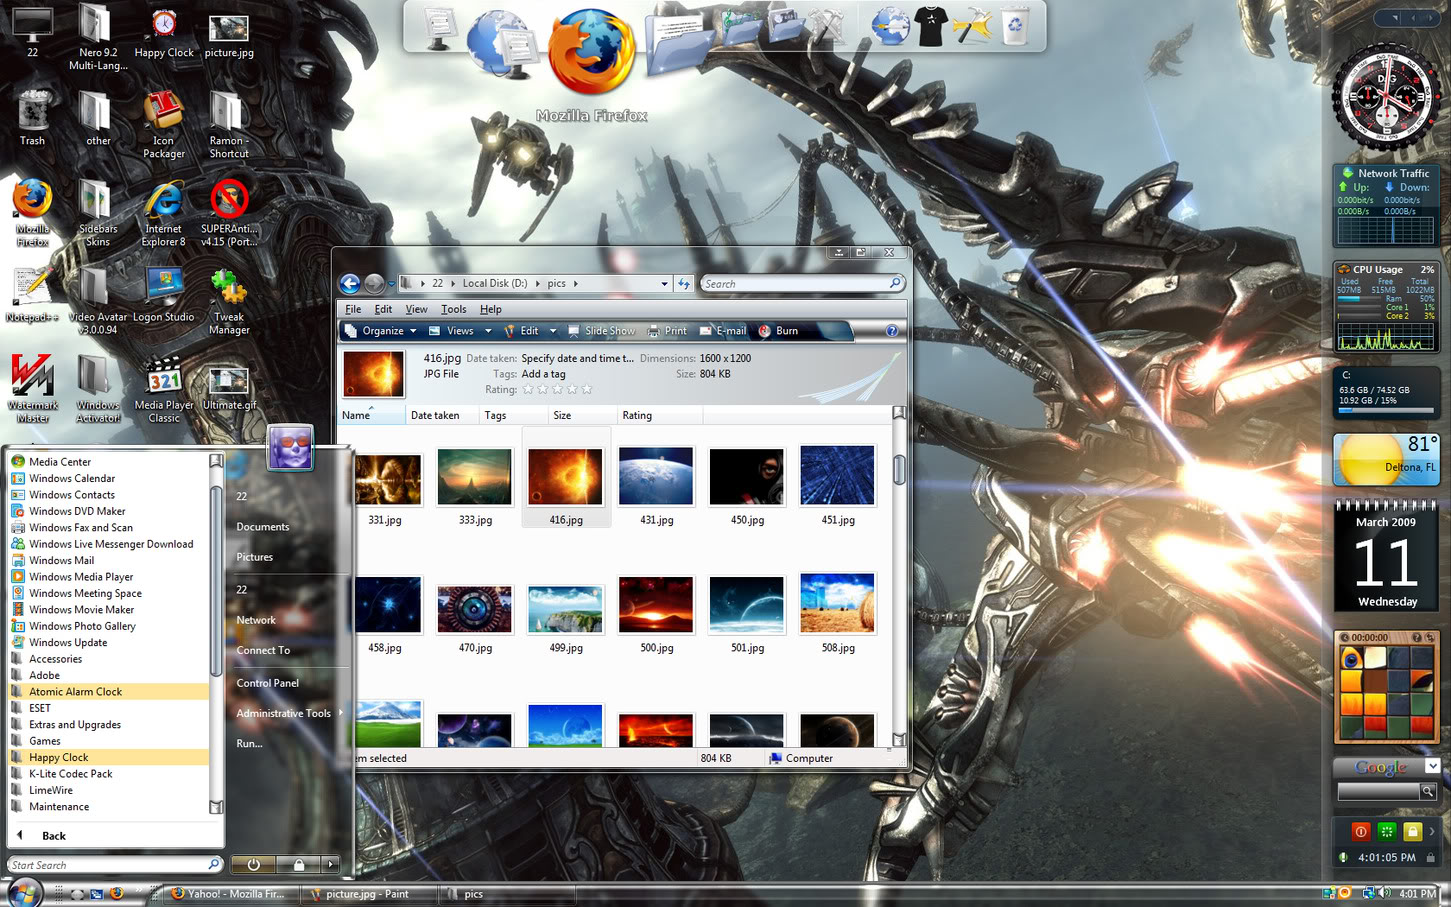 Windows Vista™ Ultimate Mix® SP2